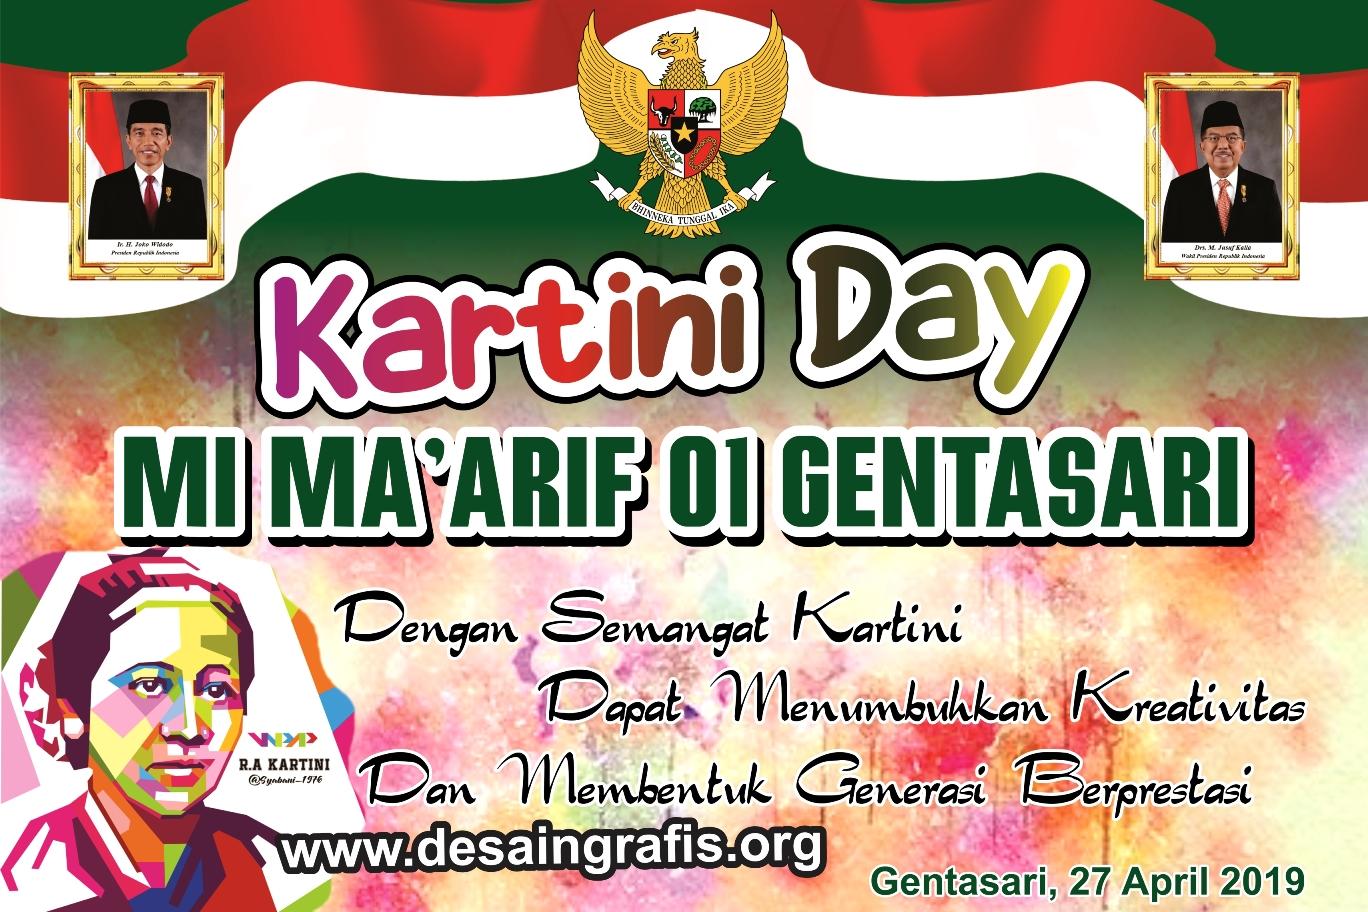 Desain Banner Spanduk Hari Kartini cdr Terbaru   Kumpulan ...